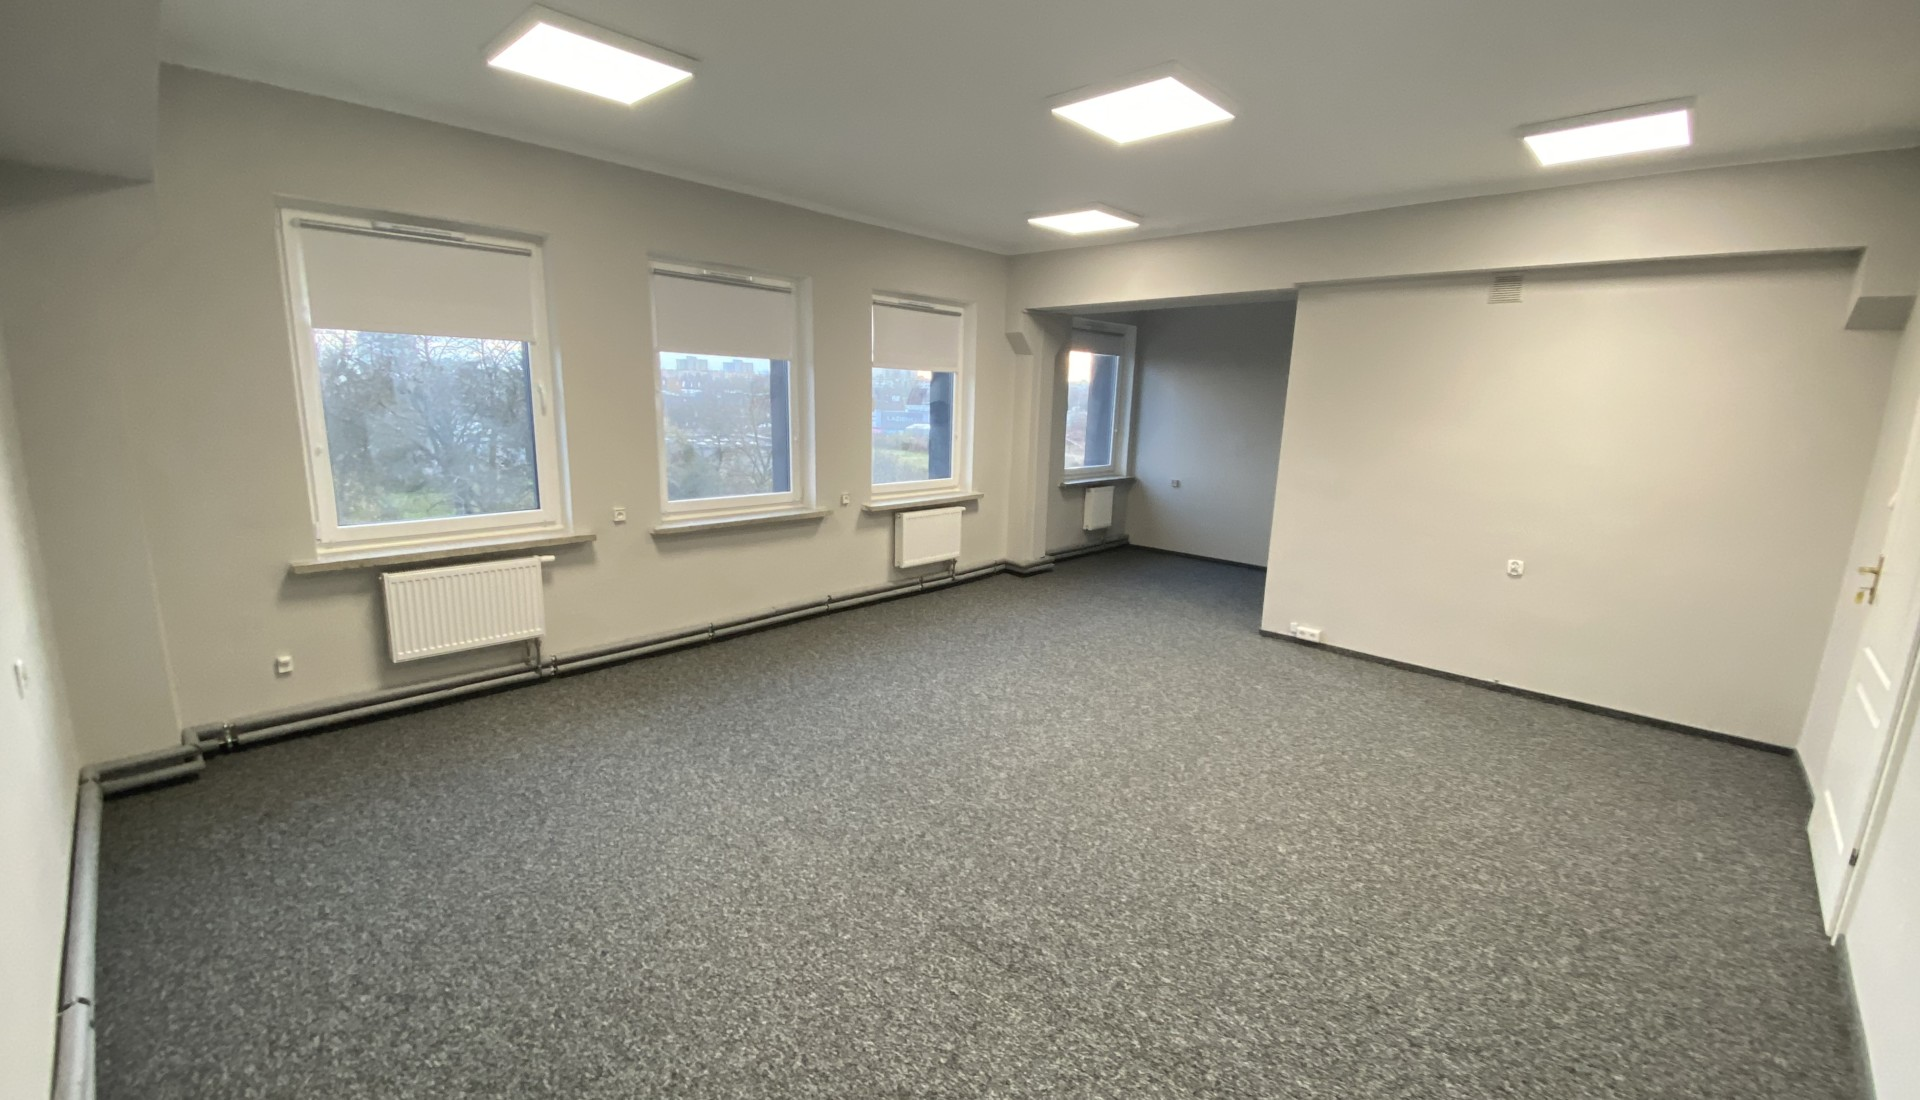 biuro o powierzchni 70 m<sup>2</sup> - Farbud Nieruchomości - Lublin